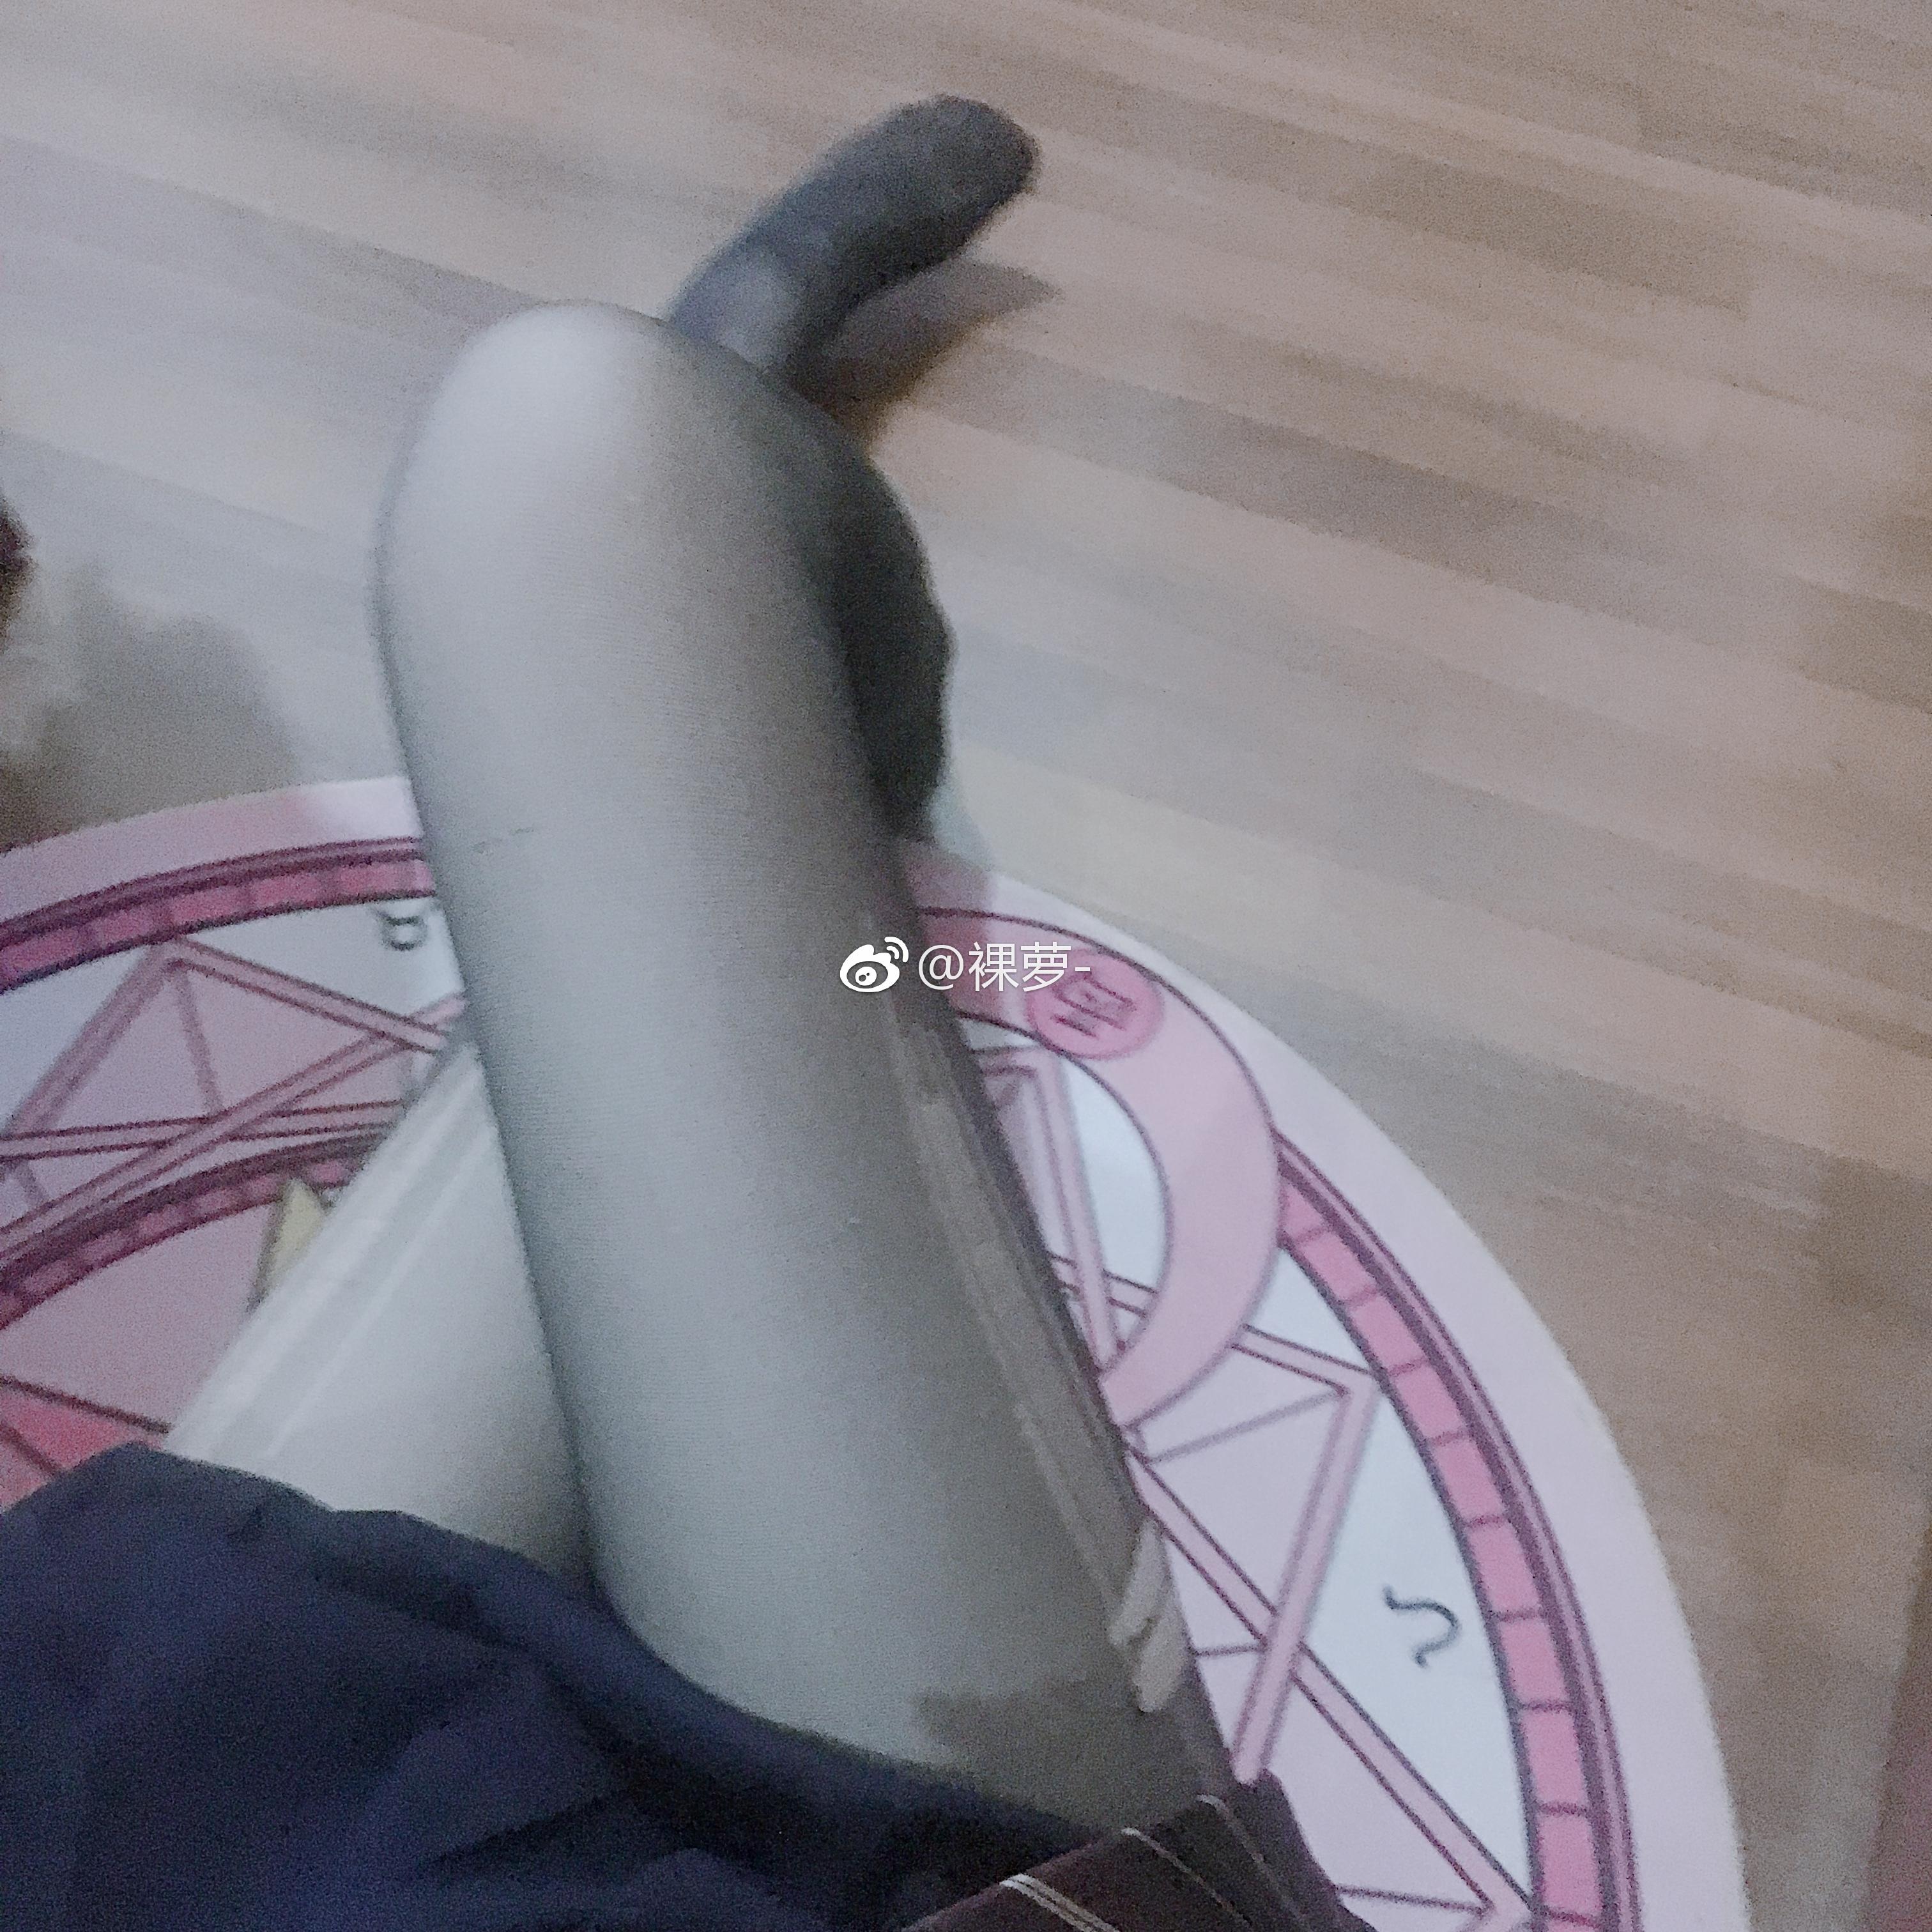 救救这个微博萝莉吧@裸萝,丝袜破了都买不起新的了(9P)